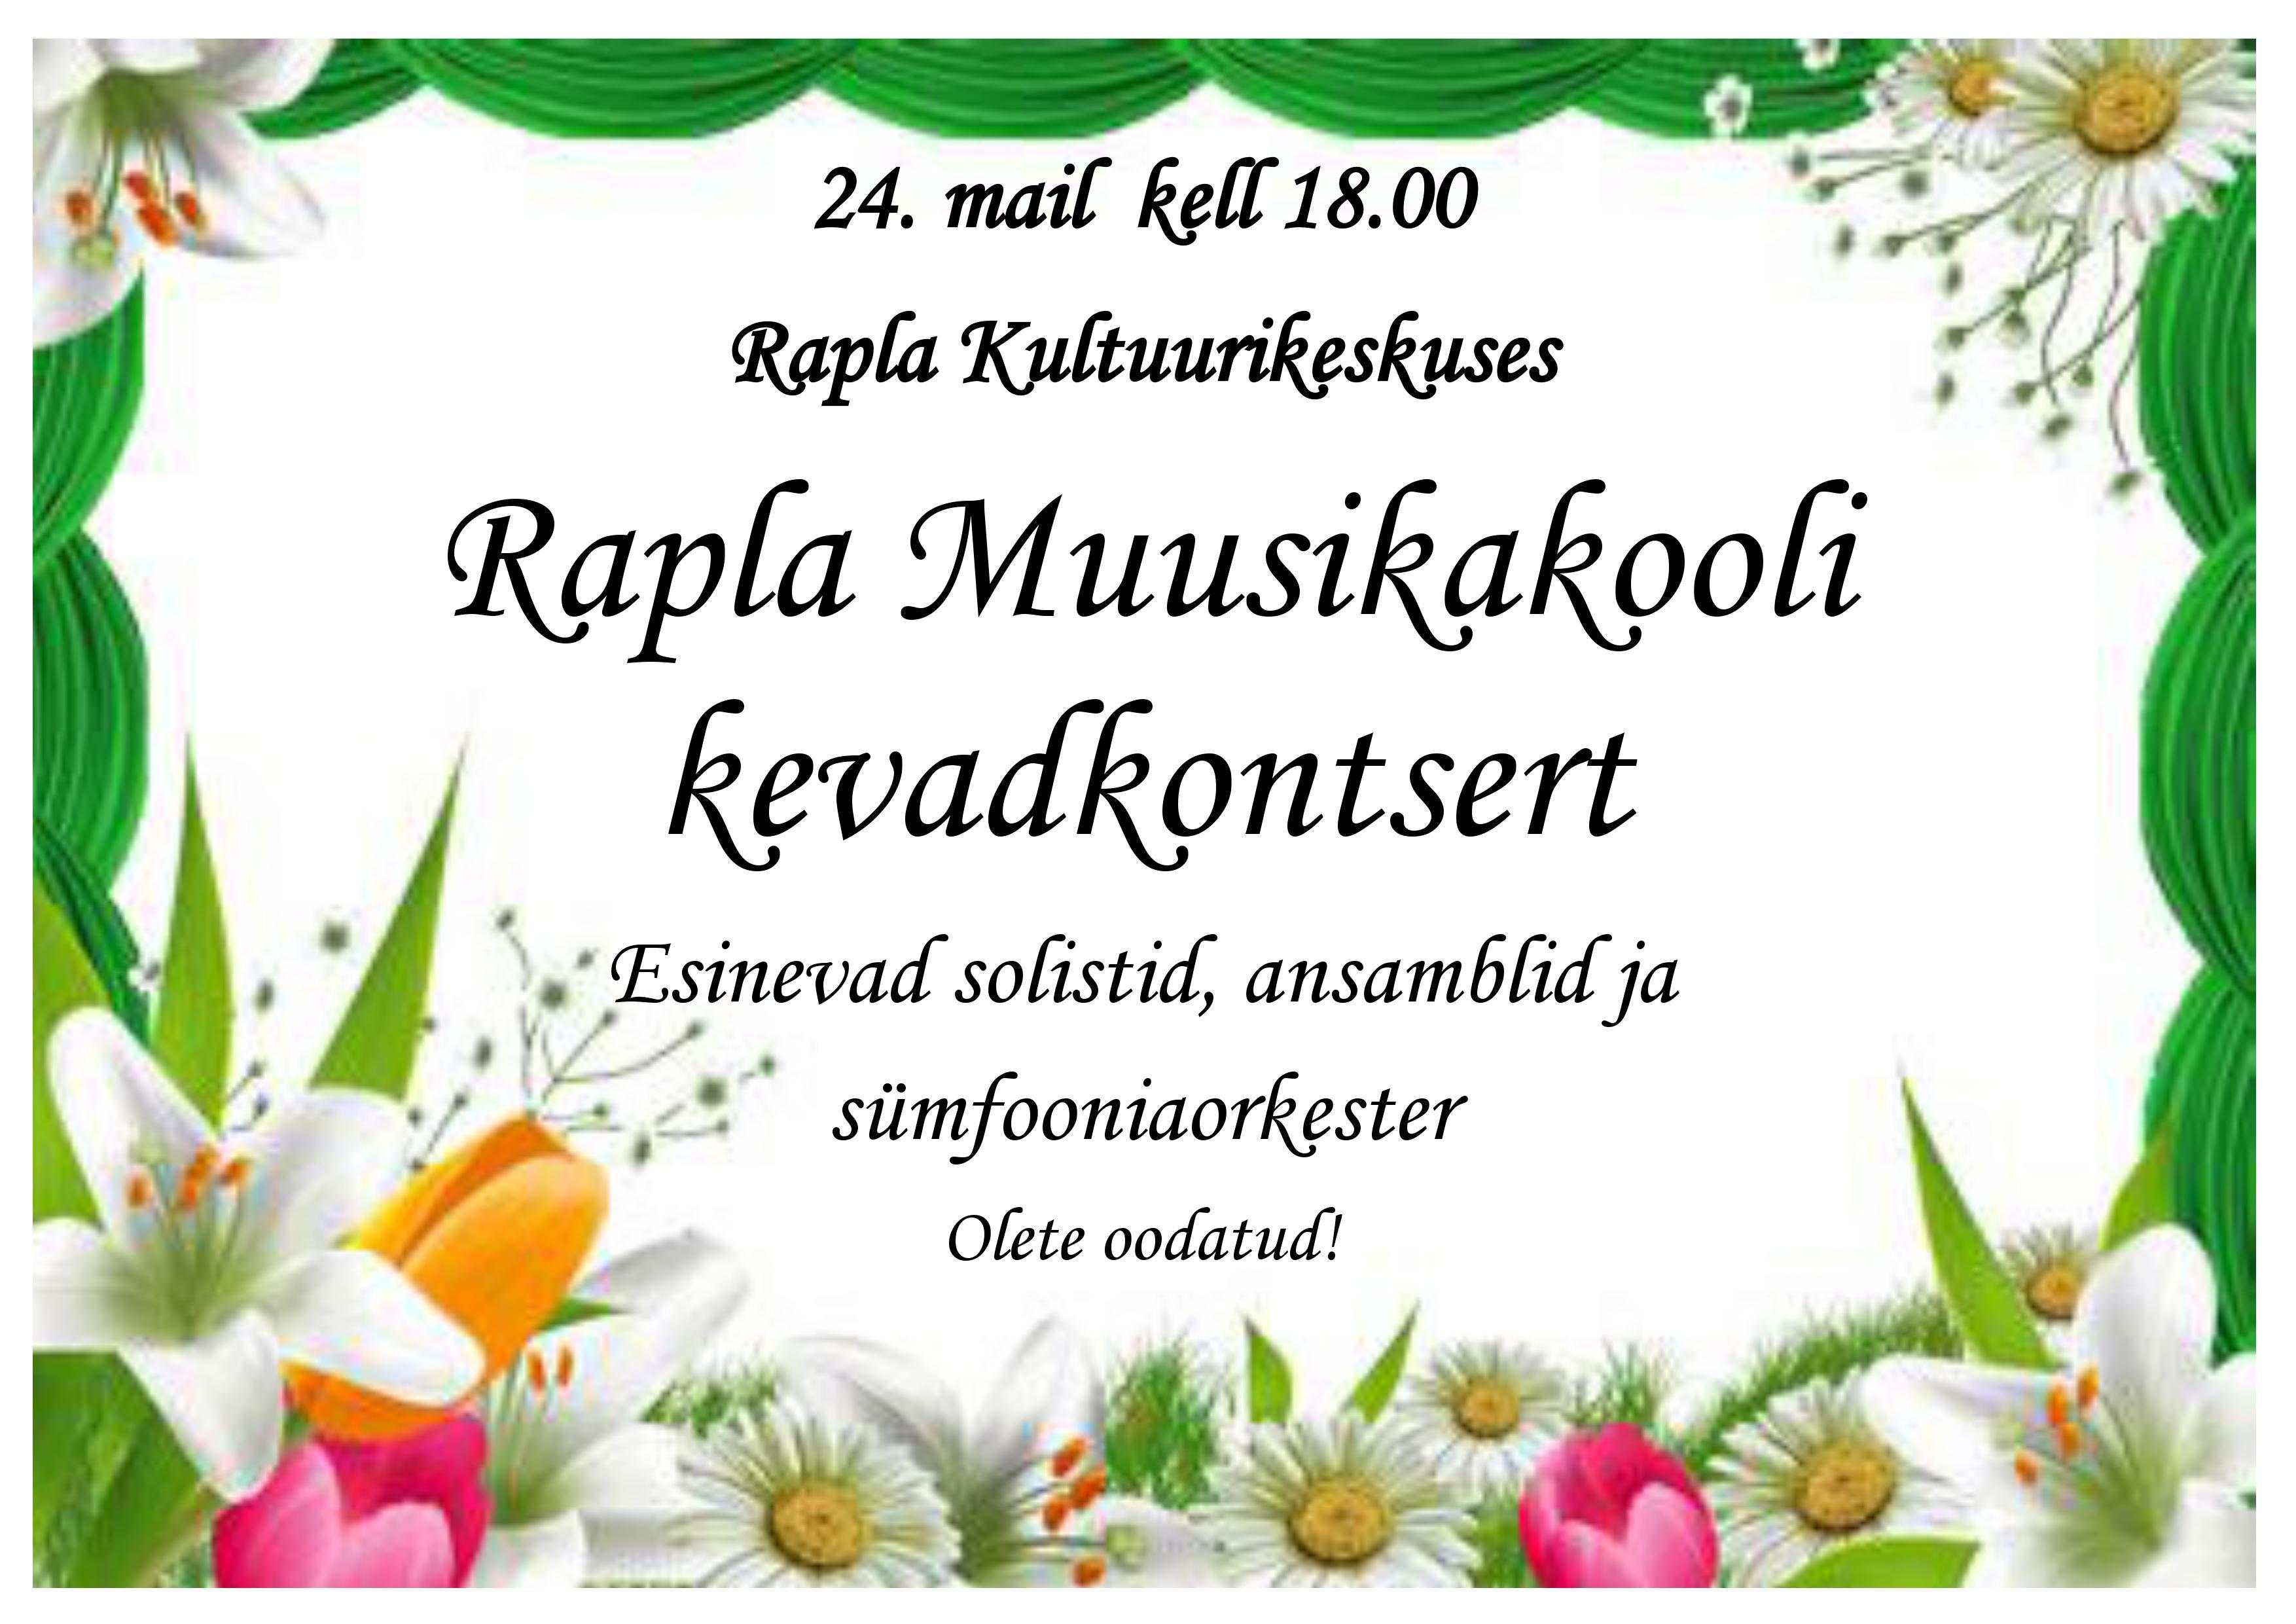 Rapla Muusikakooli kevadkontsert